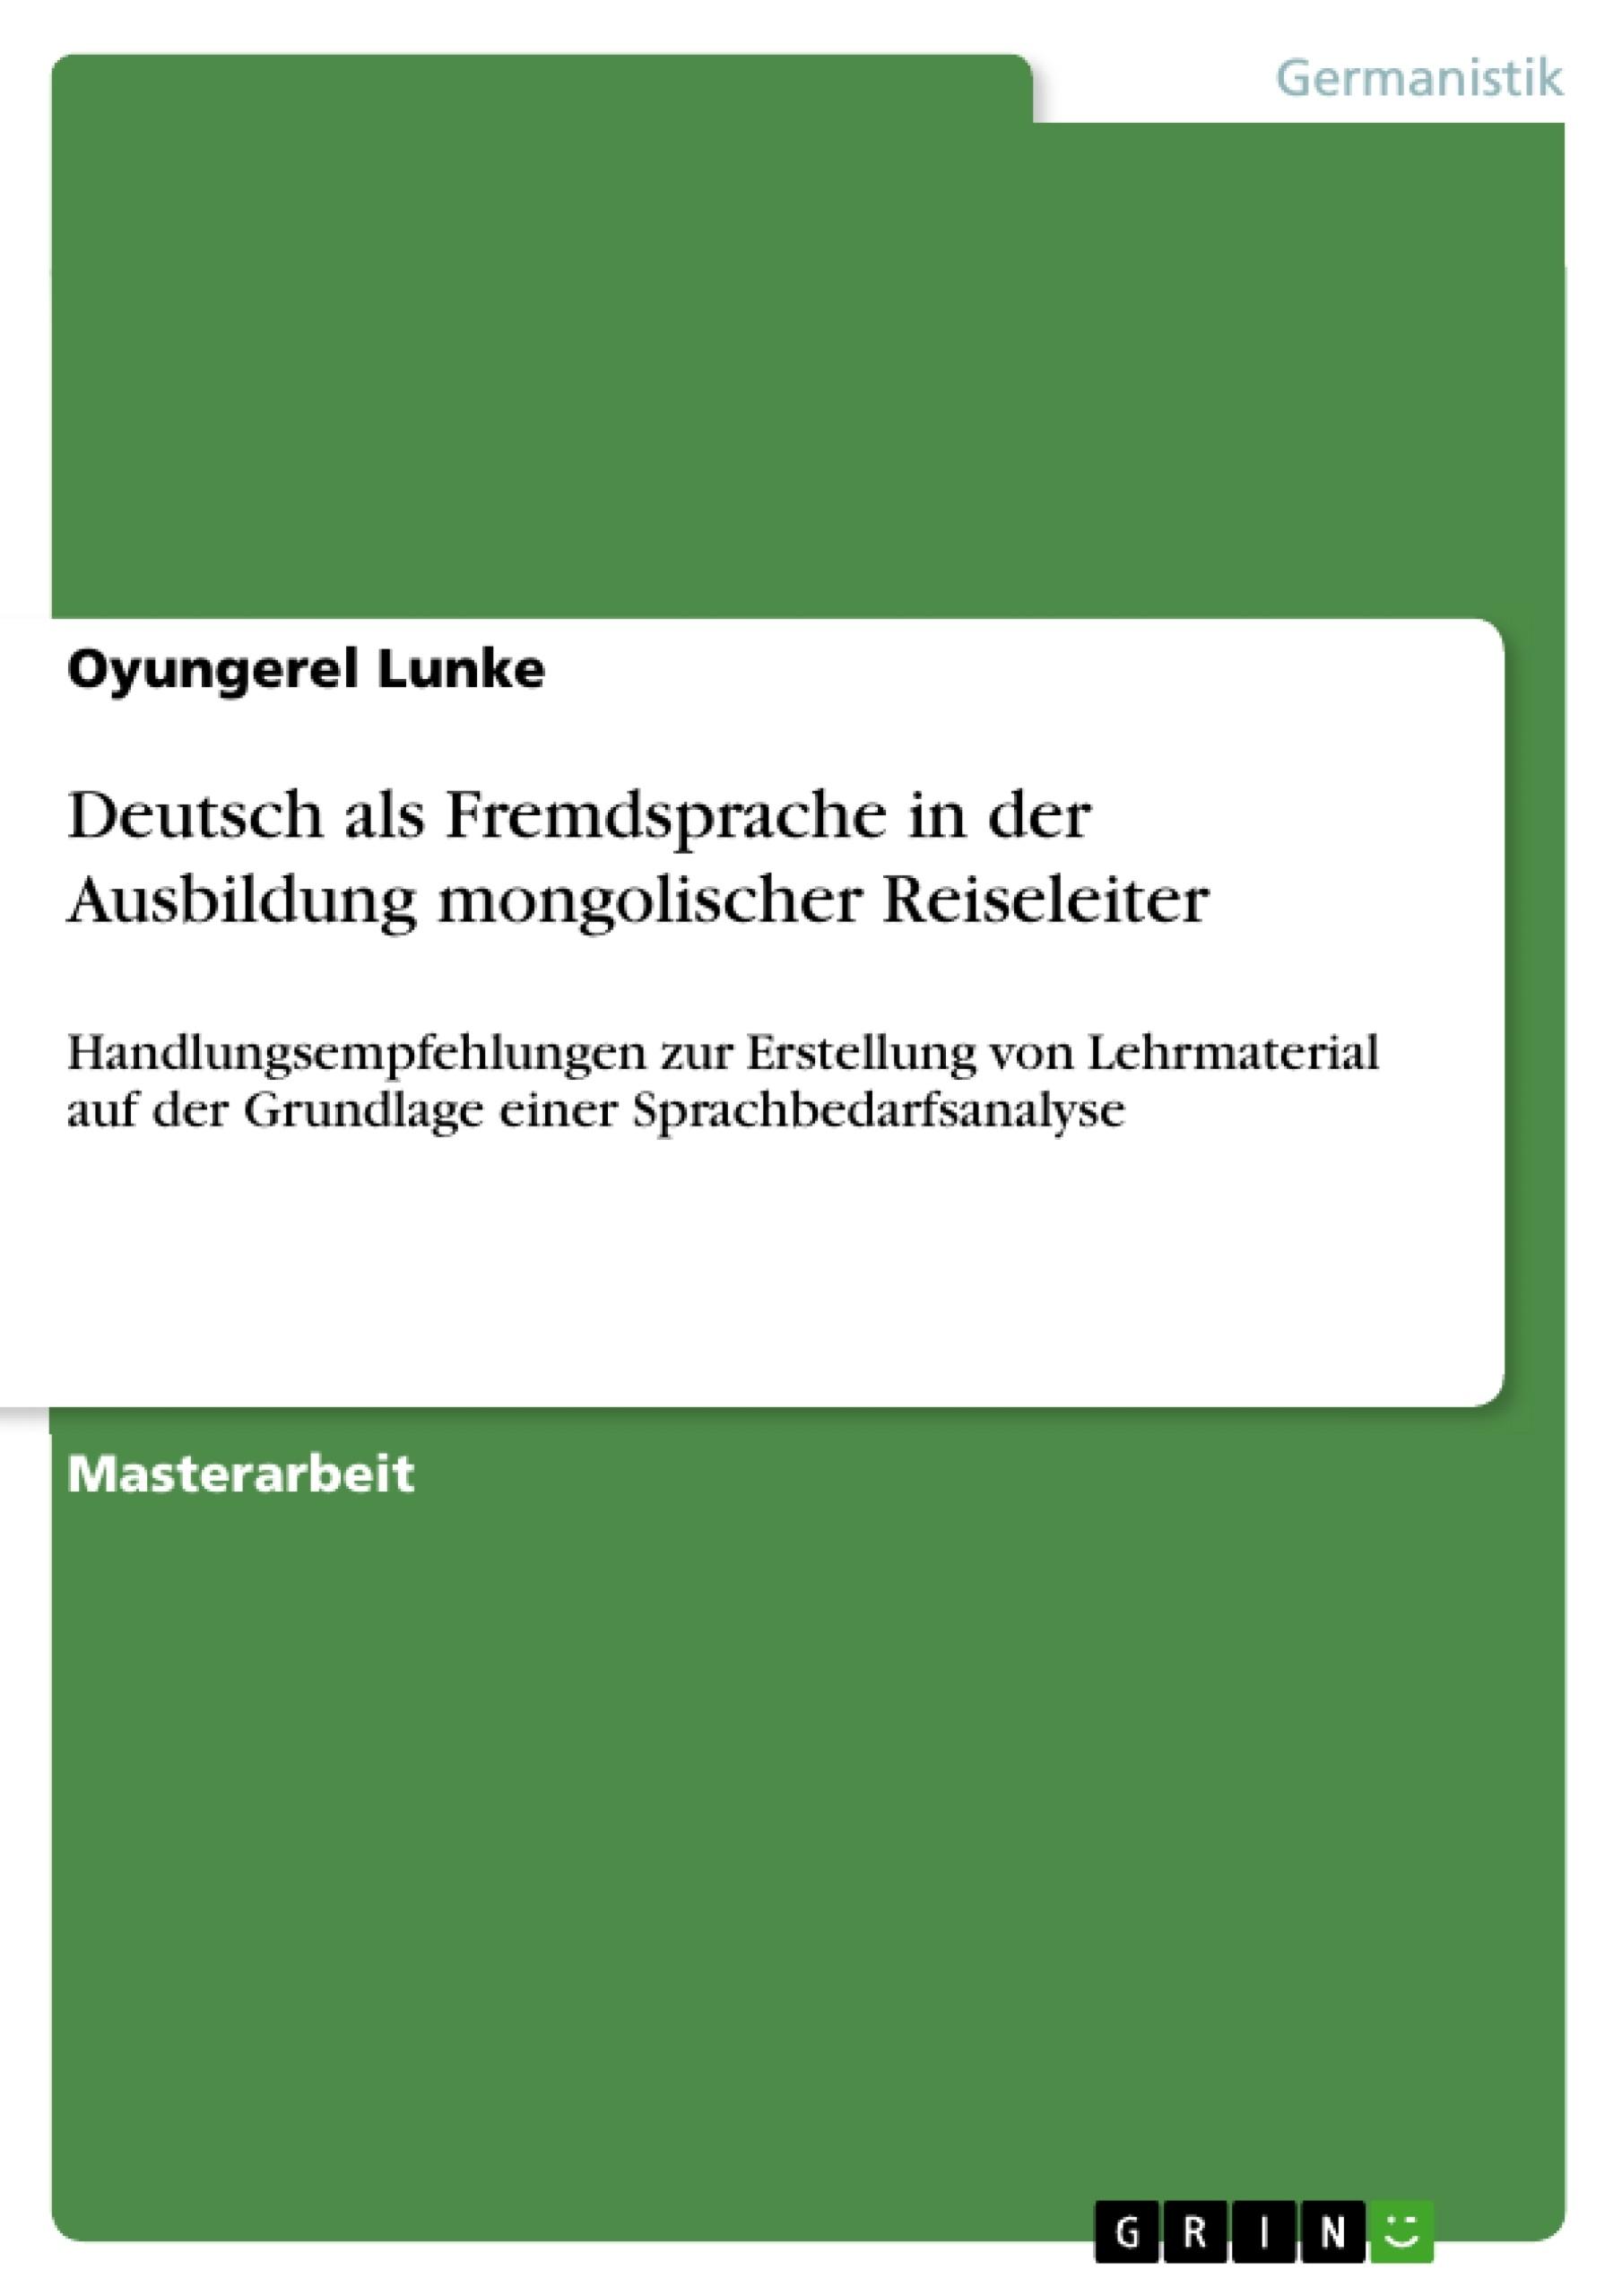 Titel: Deutsch als Fremdsprache in der Ausbildung mongolischer Reiseleiter